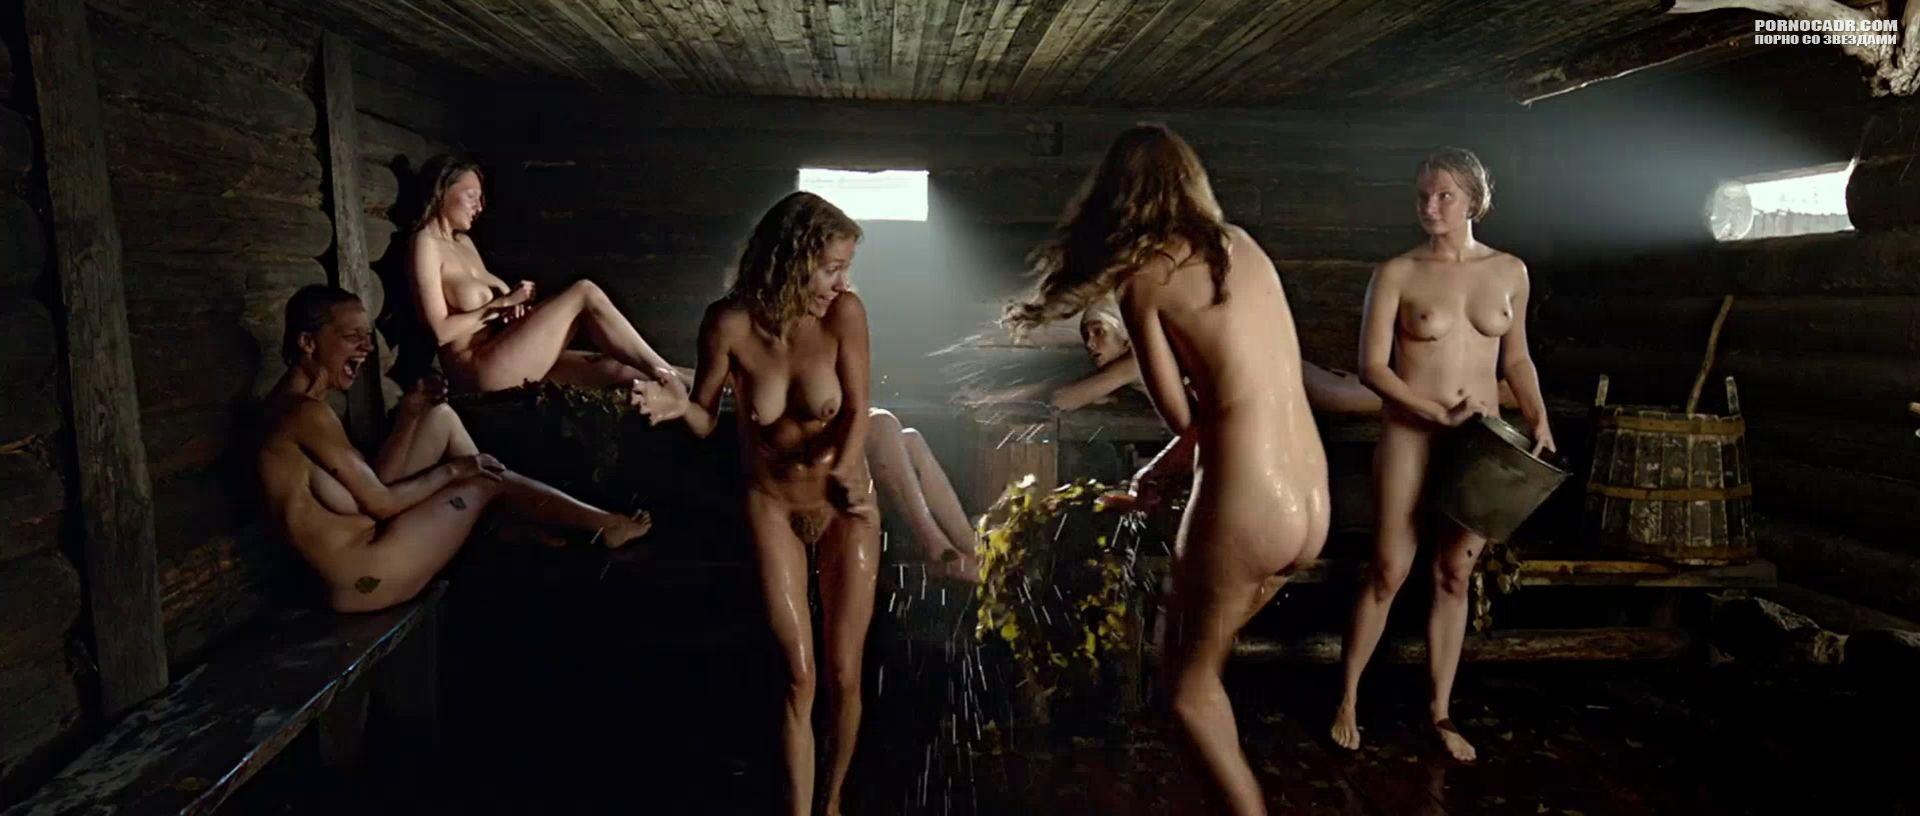 даже такое секс с красивыми загорелыми бразильянками раком сайт опере очень